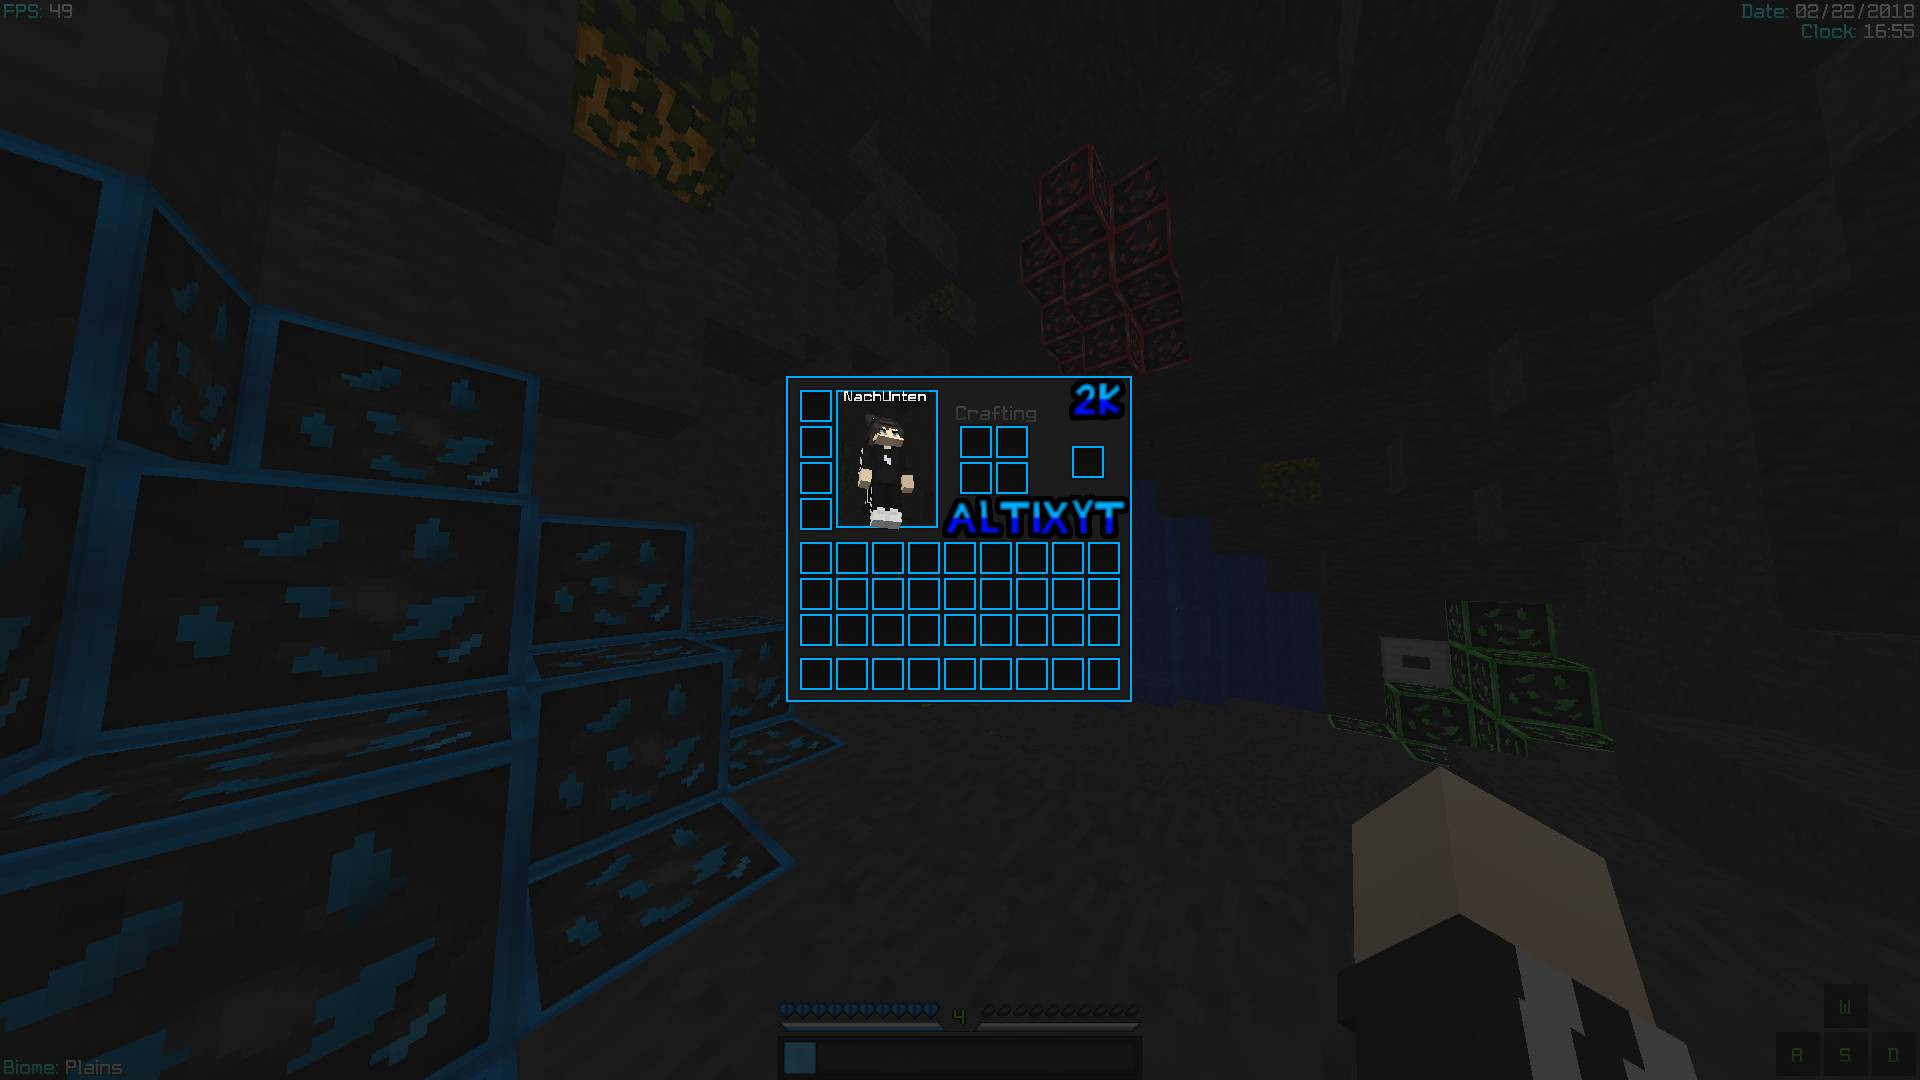 --AltixYT 2k Pack--